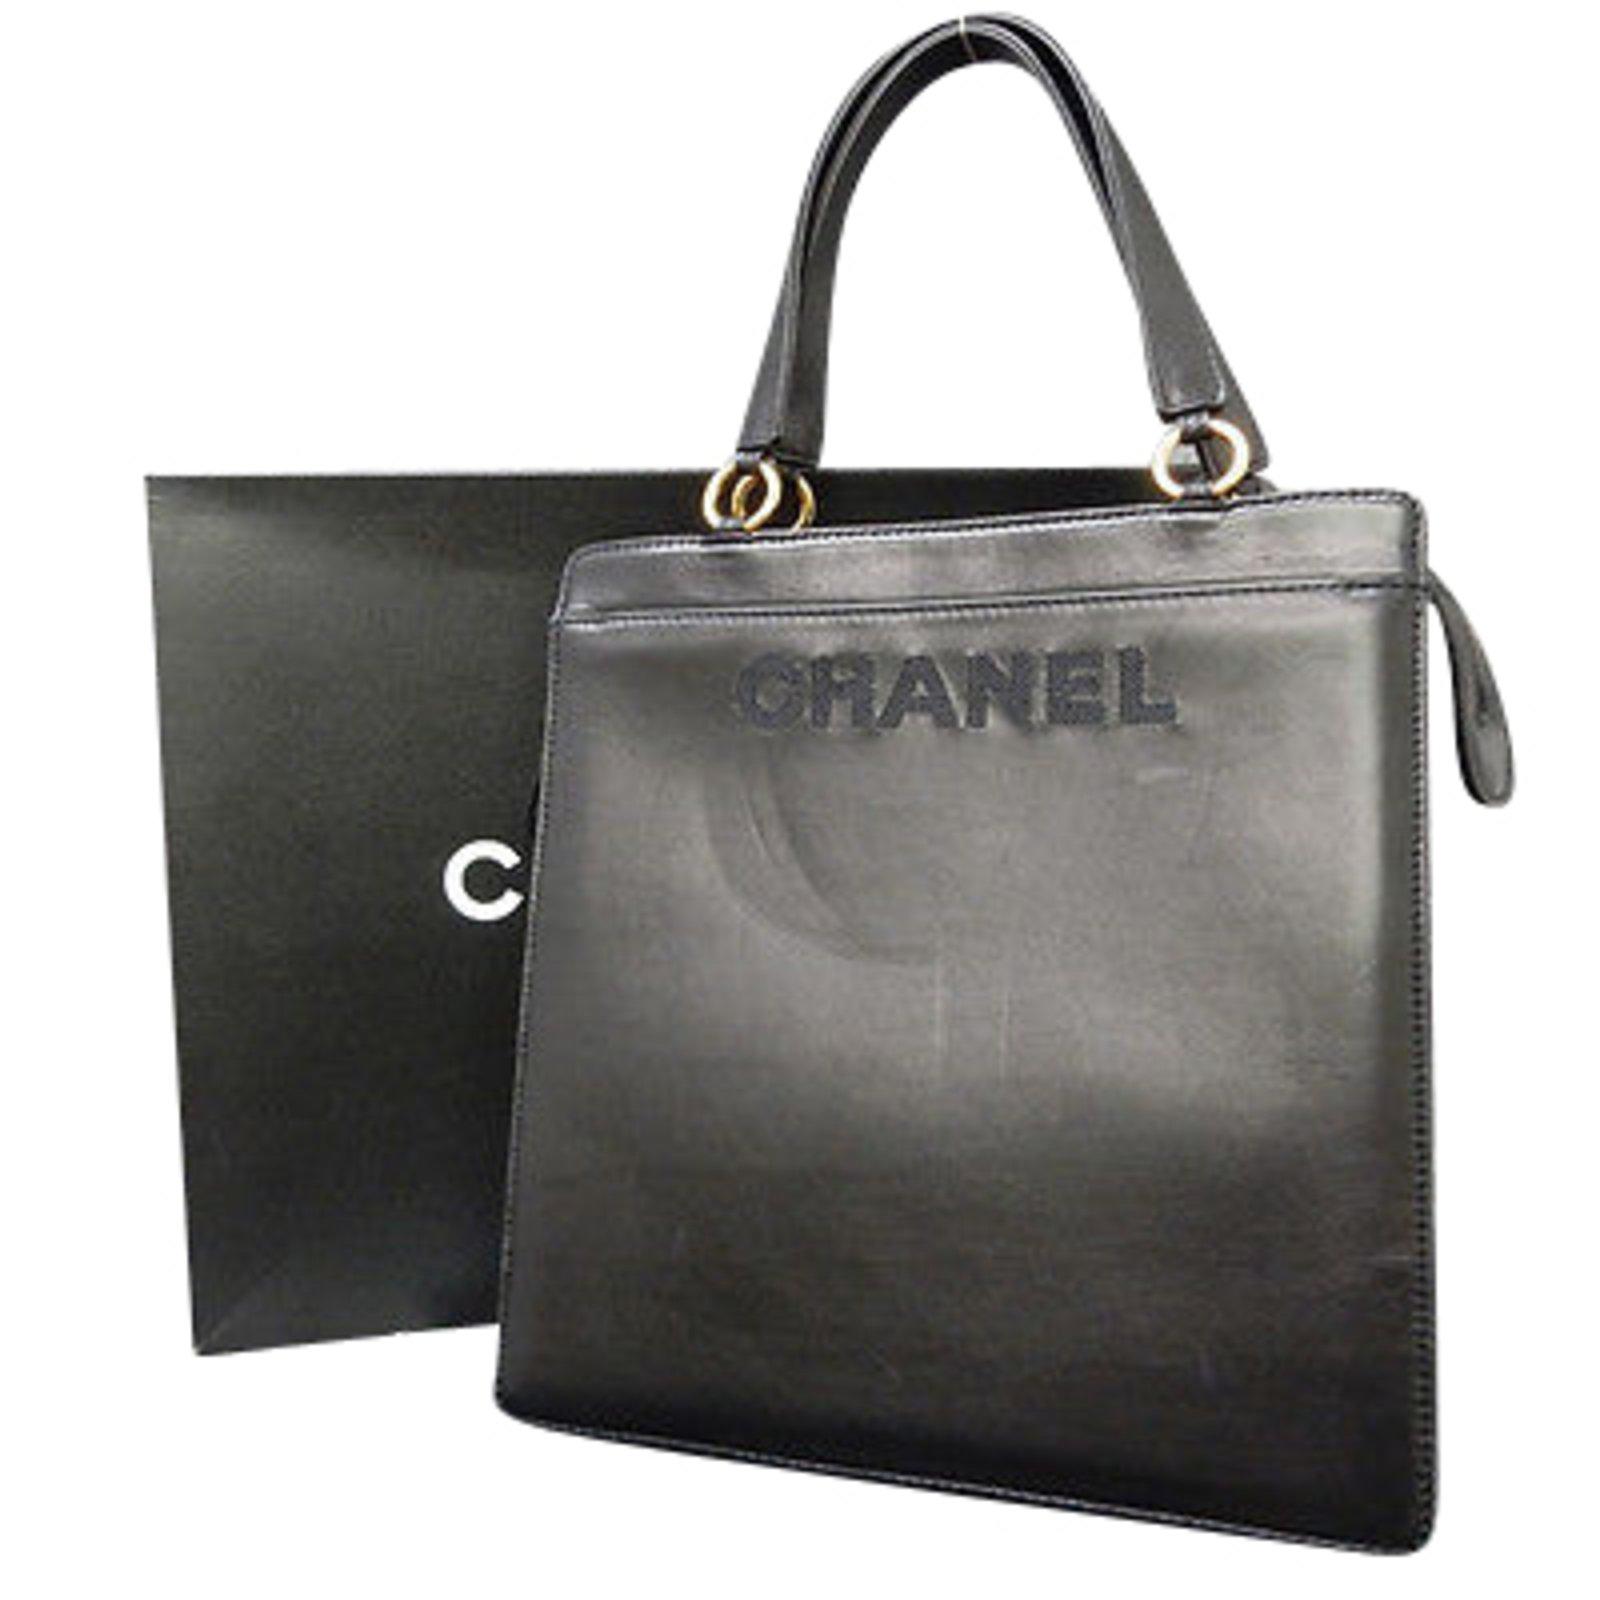 Sacs à main Chanel Sac bandoulière Cuir Noir ref.86805 - Joli Closet 3bc58805103